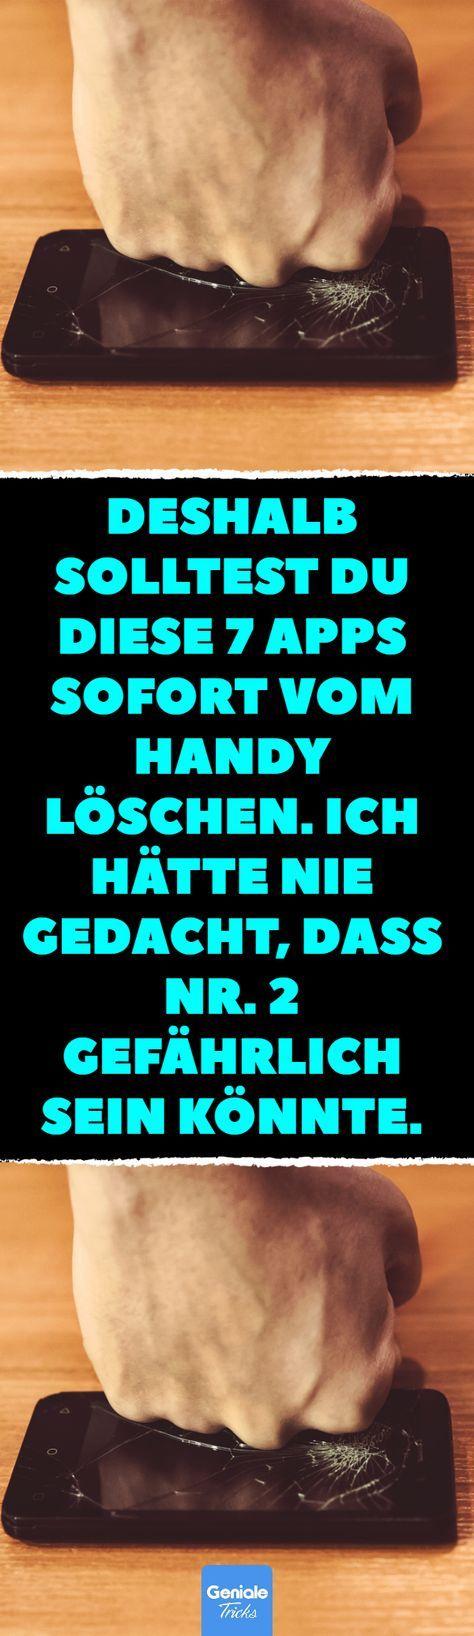 Aus diesem Grund sollten Sie diese 7 Apps sofort von Ihrem Telefon löschen. Ich hätte nie gedacht, dass # 2 gefährlich sein könnte. 7 gefährliche Apps, die Sie wollen ...